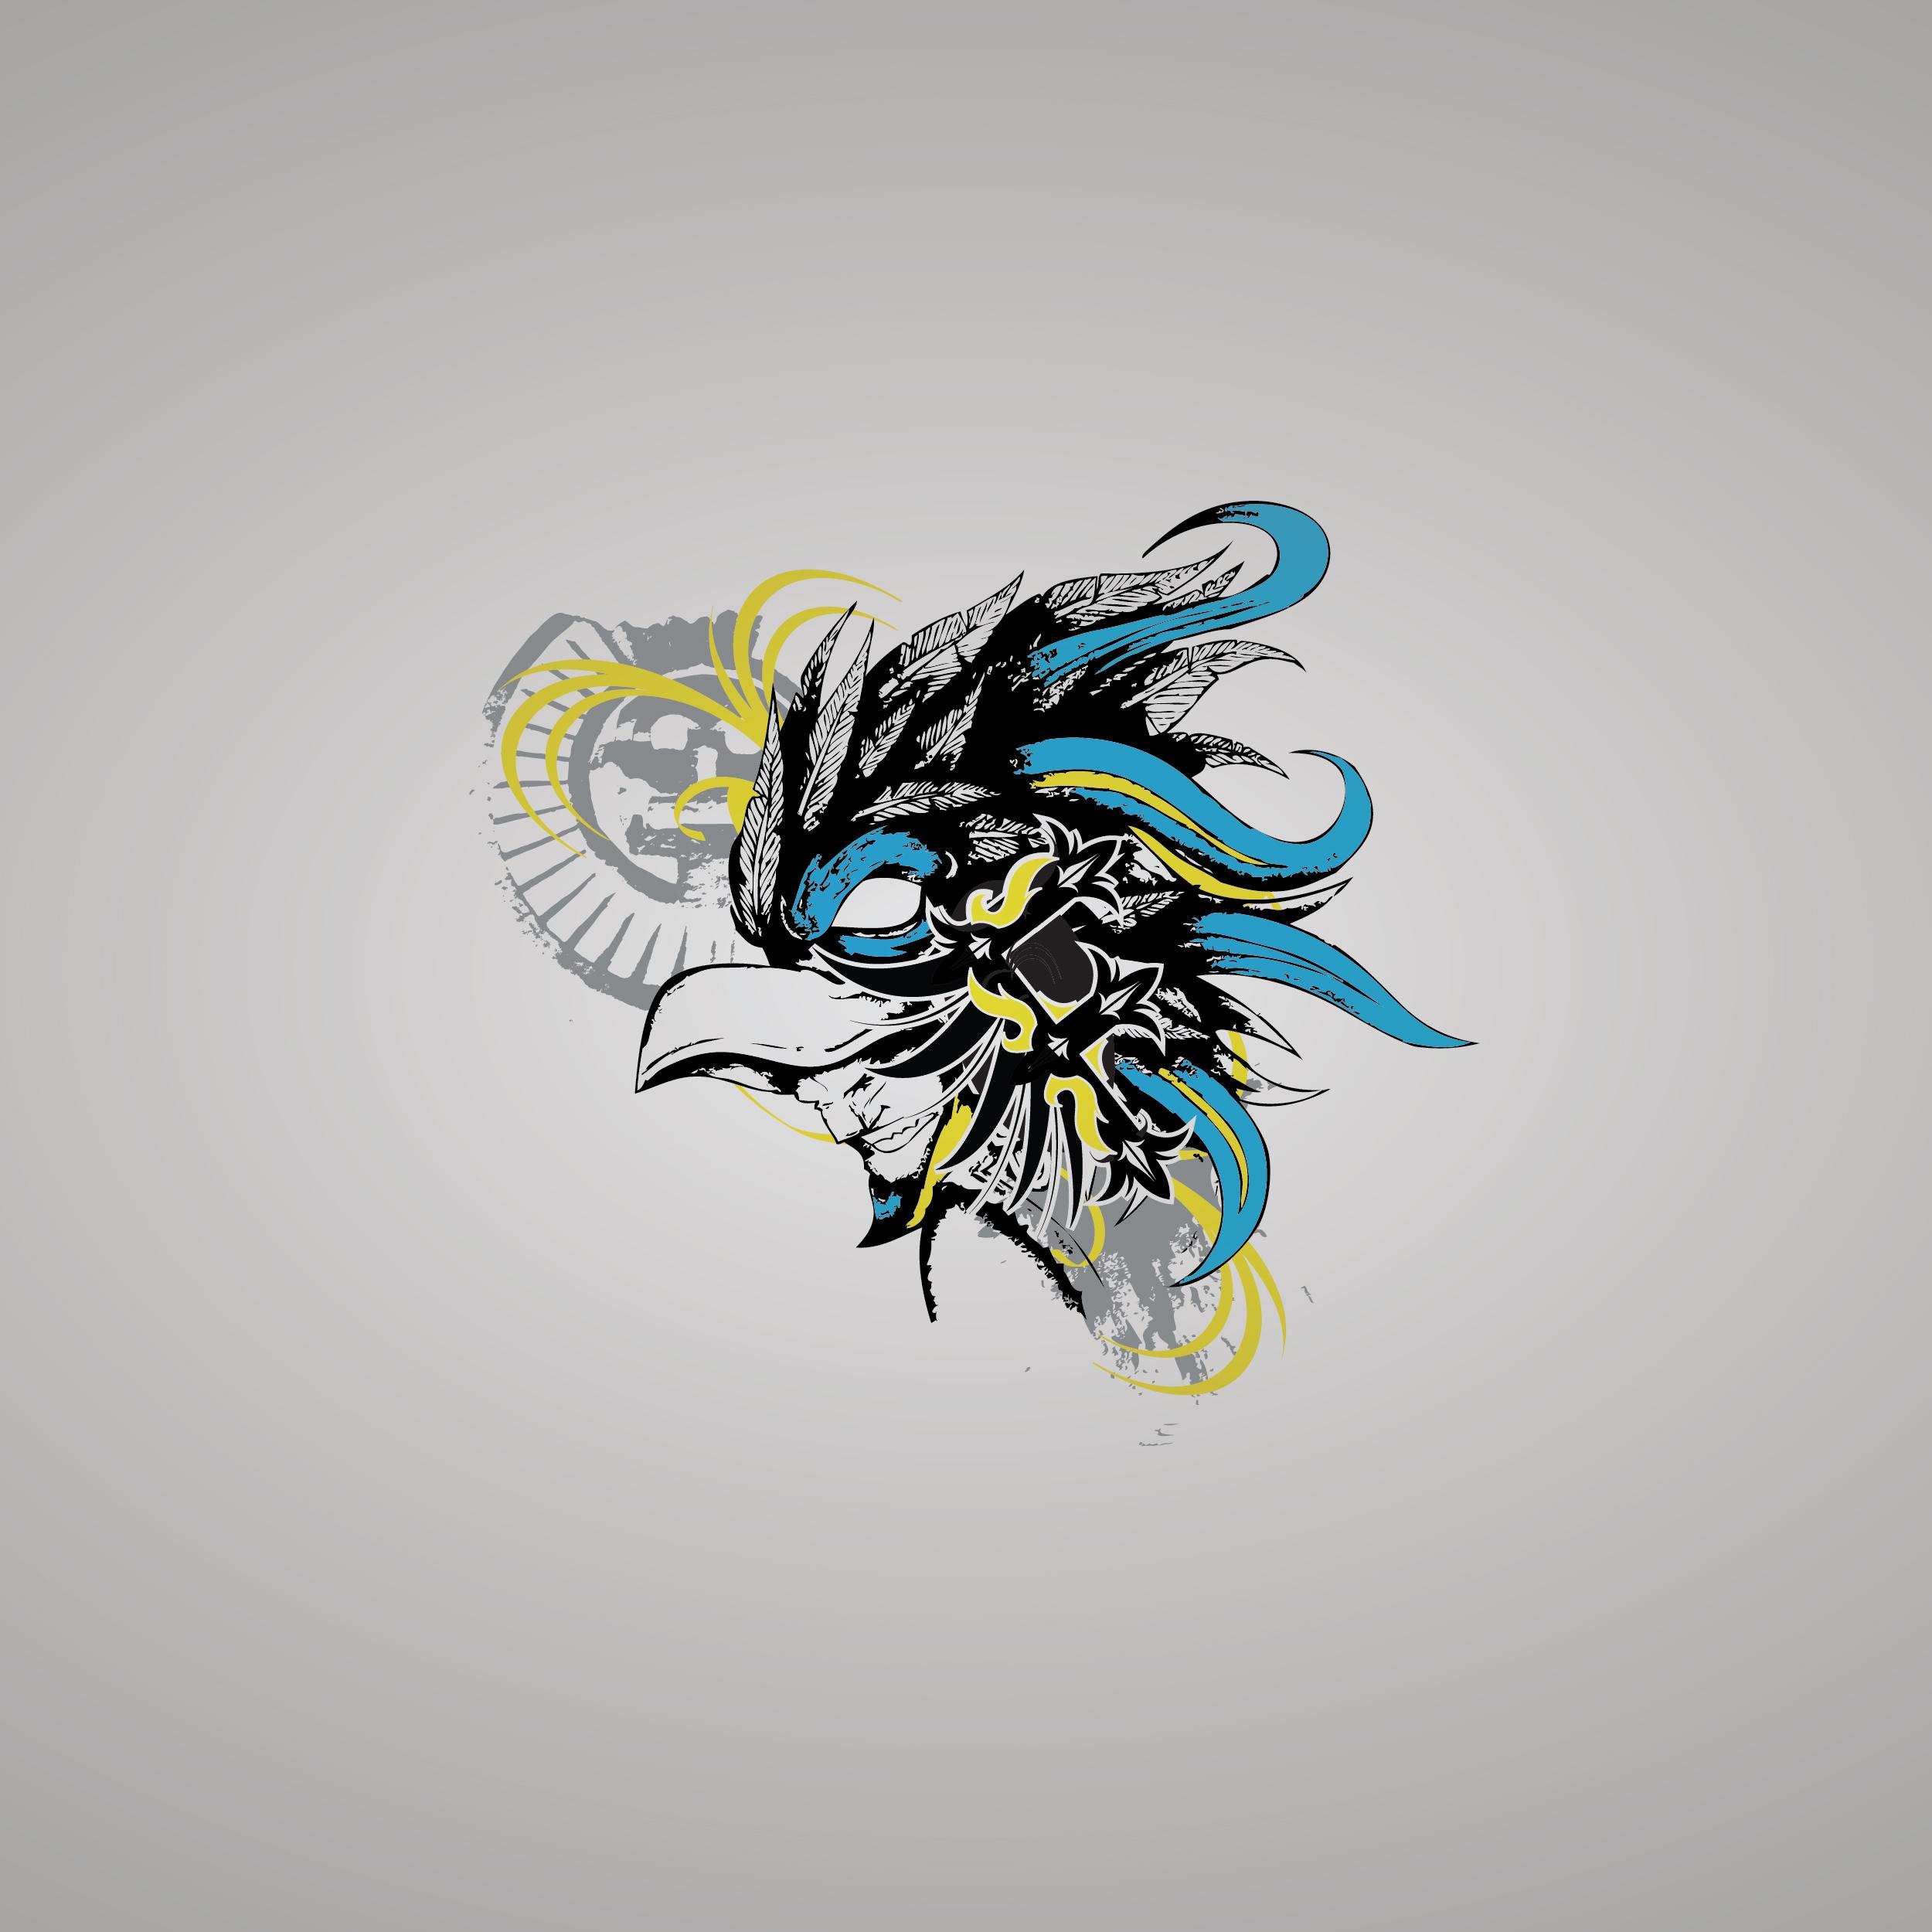 aztec-01